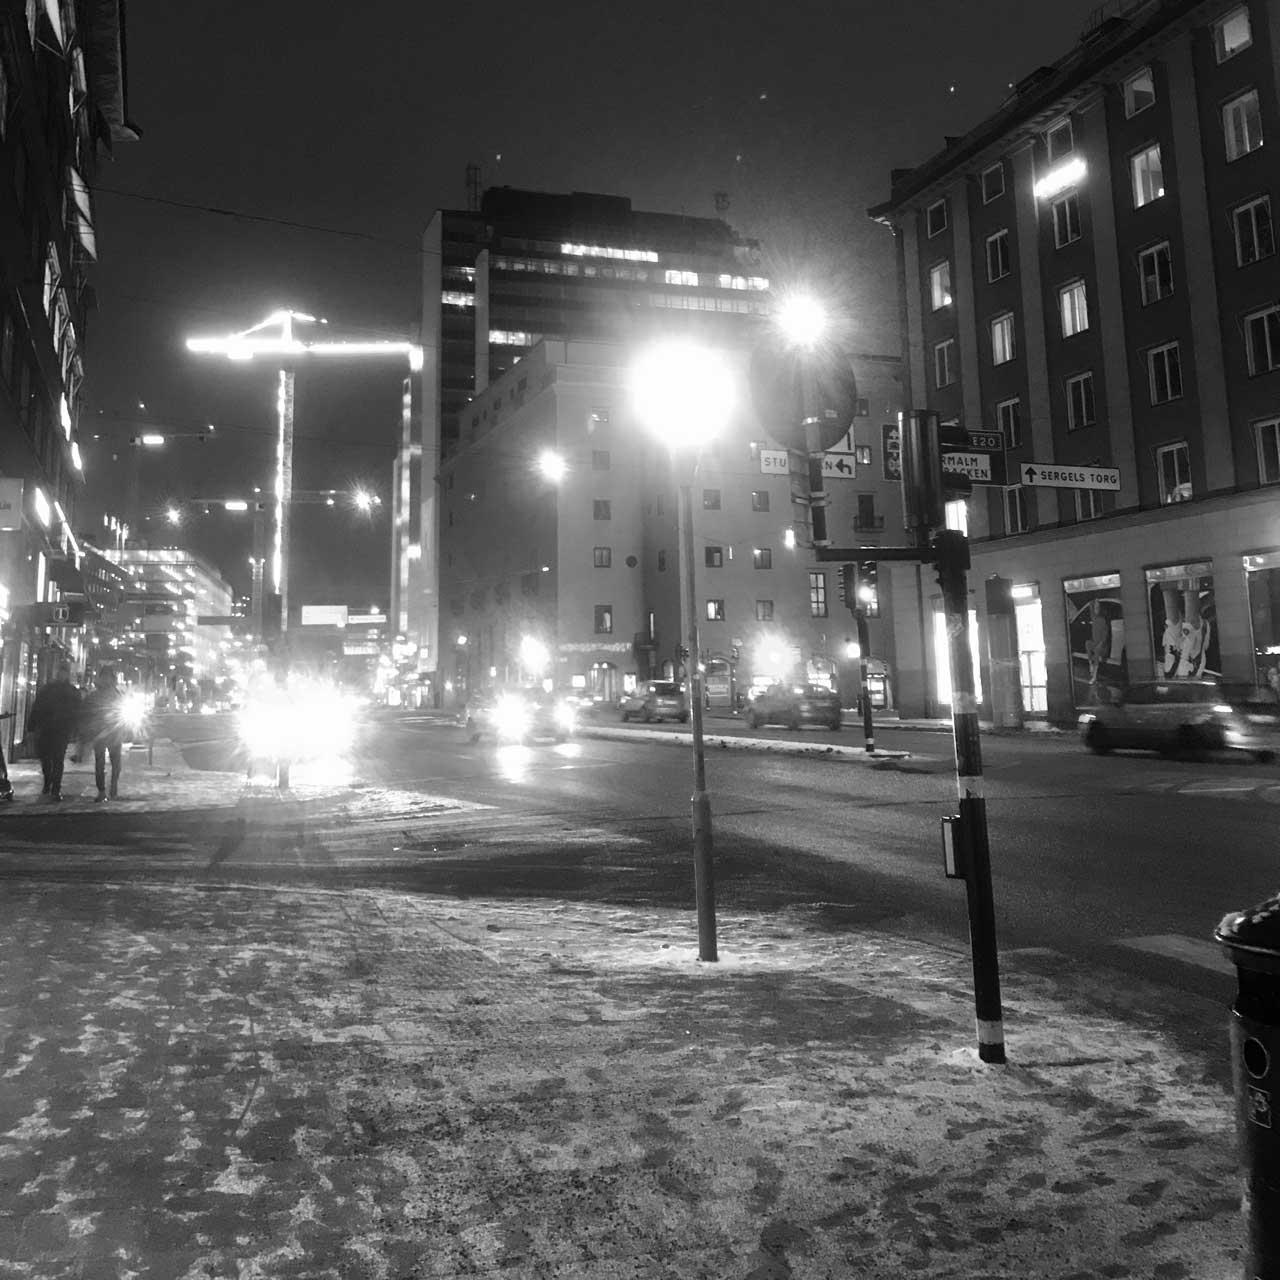 Darryl-de-Necker-Stockholm-10